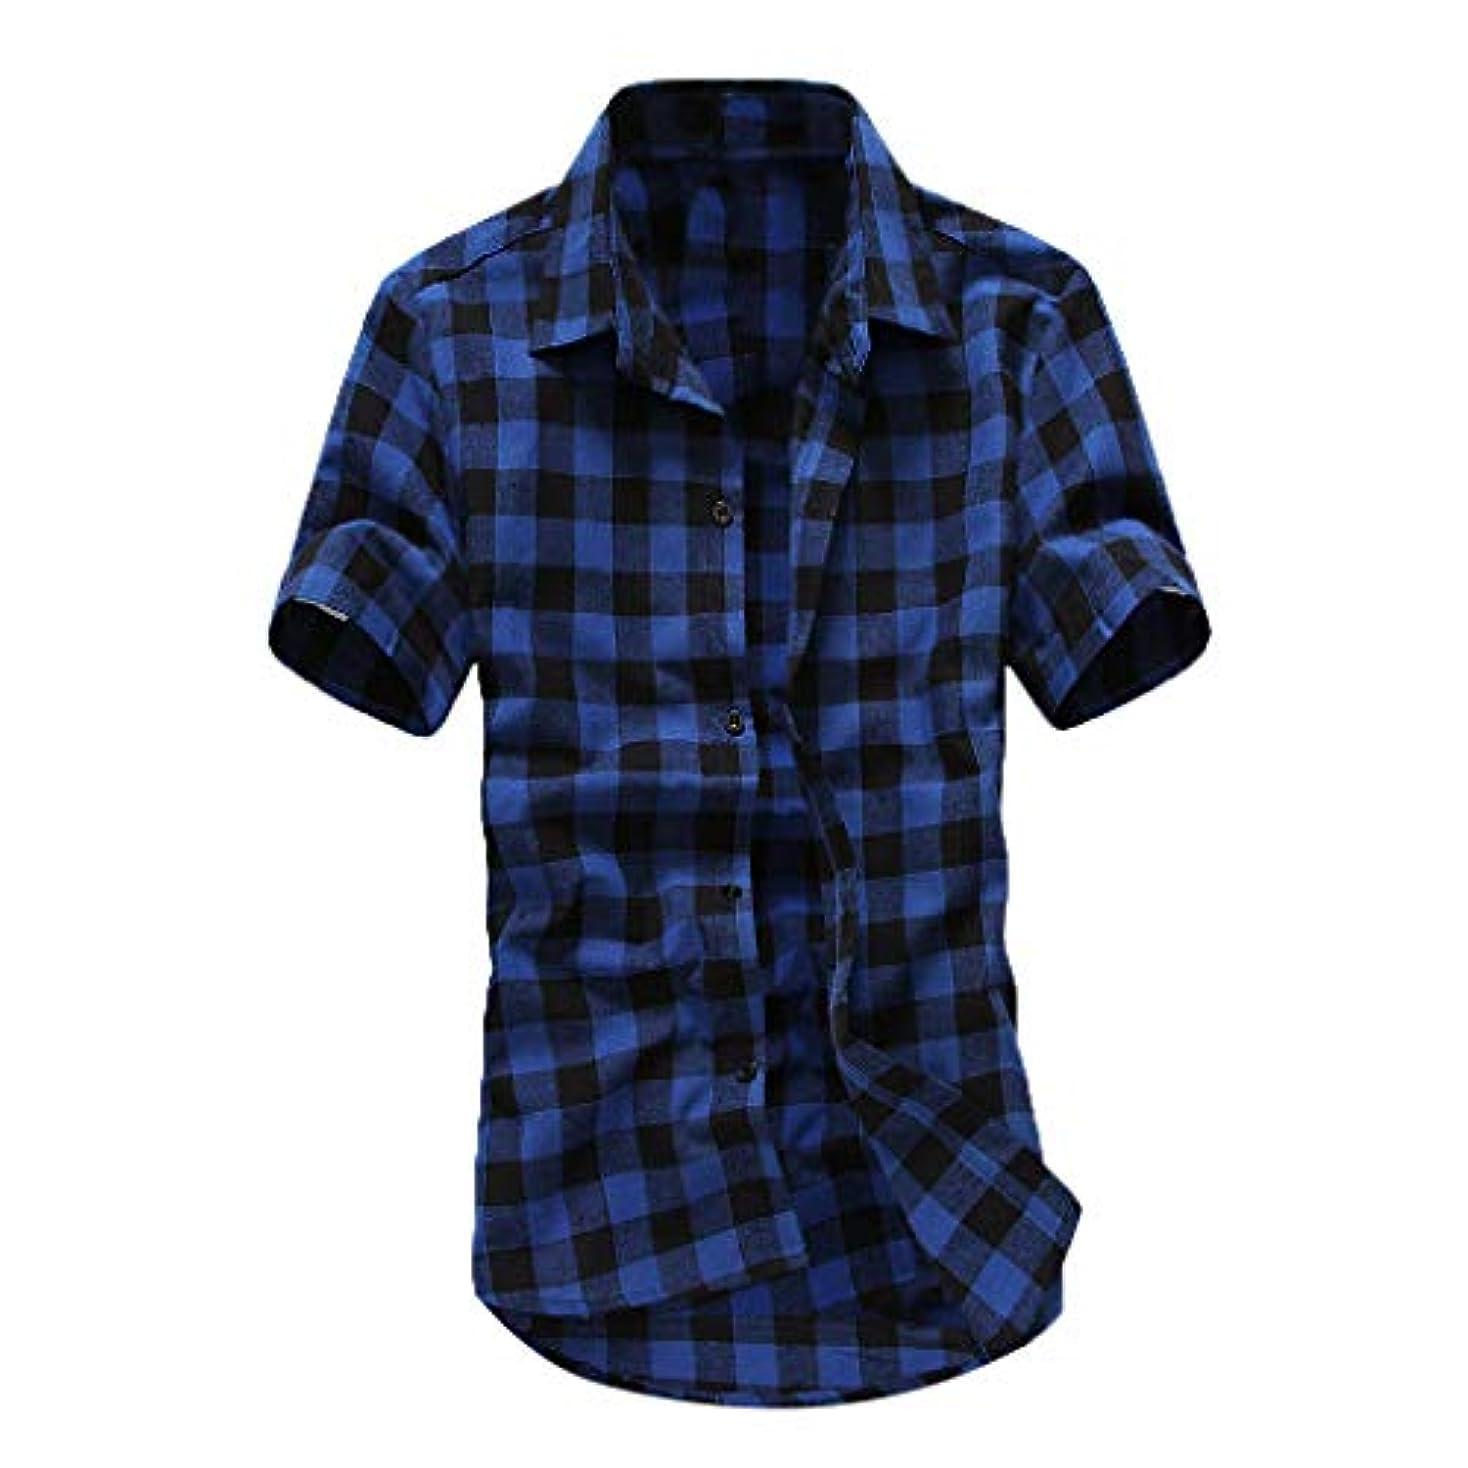 借りるに向かって塊Florrita 男性 tシャツ チェック 柄 半袖 シャツ メンズ Yシャツ カジュアル カラー トップス ウェア 上着 夏服 男性 ファッション 男の子 オシャレ 格子シャツ